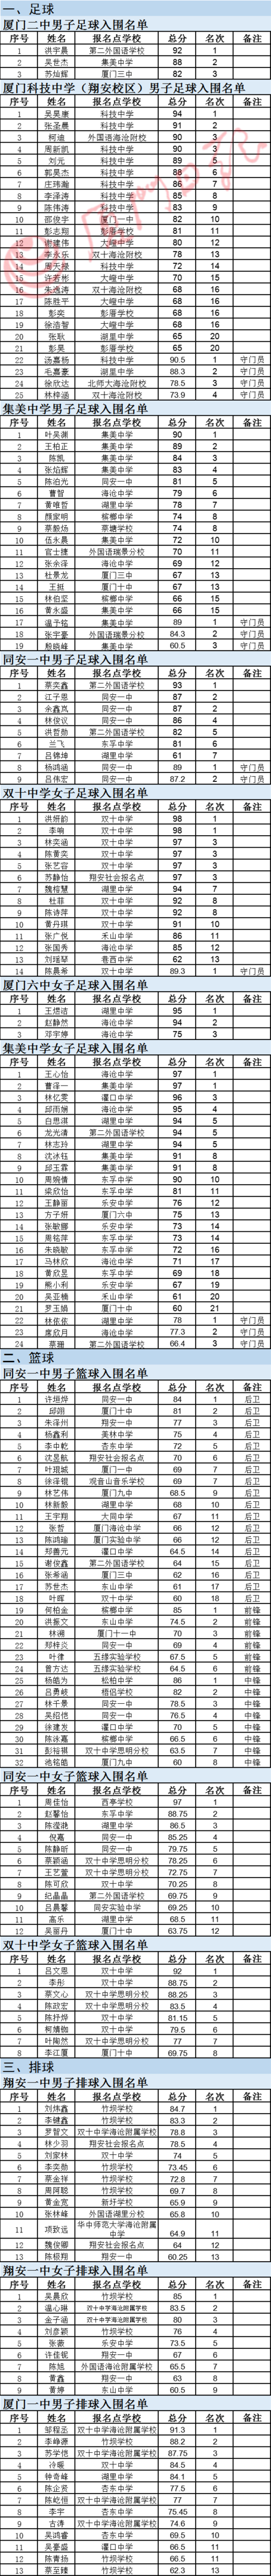 《【摩杰测速注册】快讯!厦门市属校高中特长生特长测试入围名单公布!》